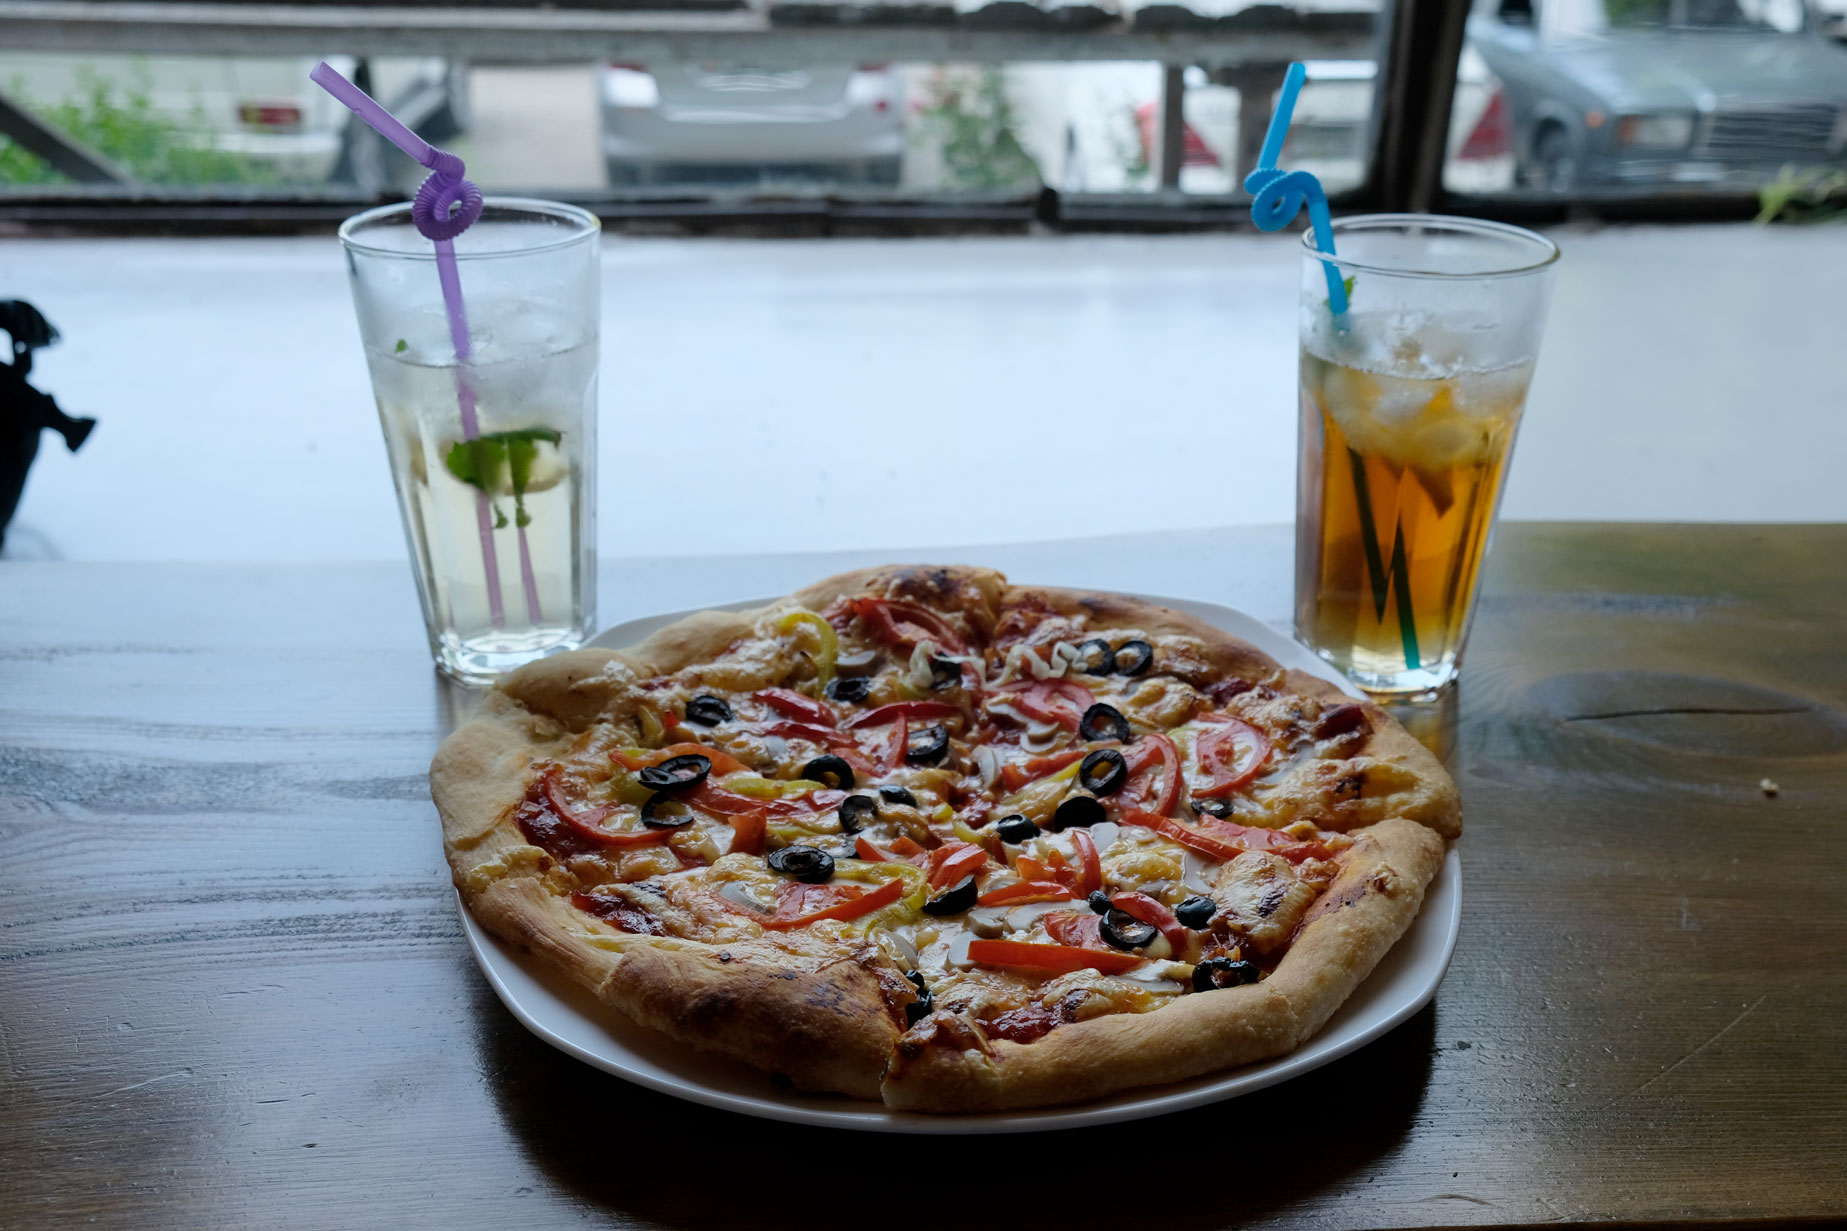 Eine Pizza und zwei Getränke.